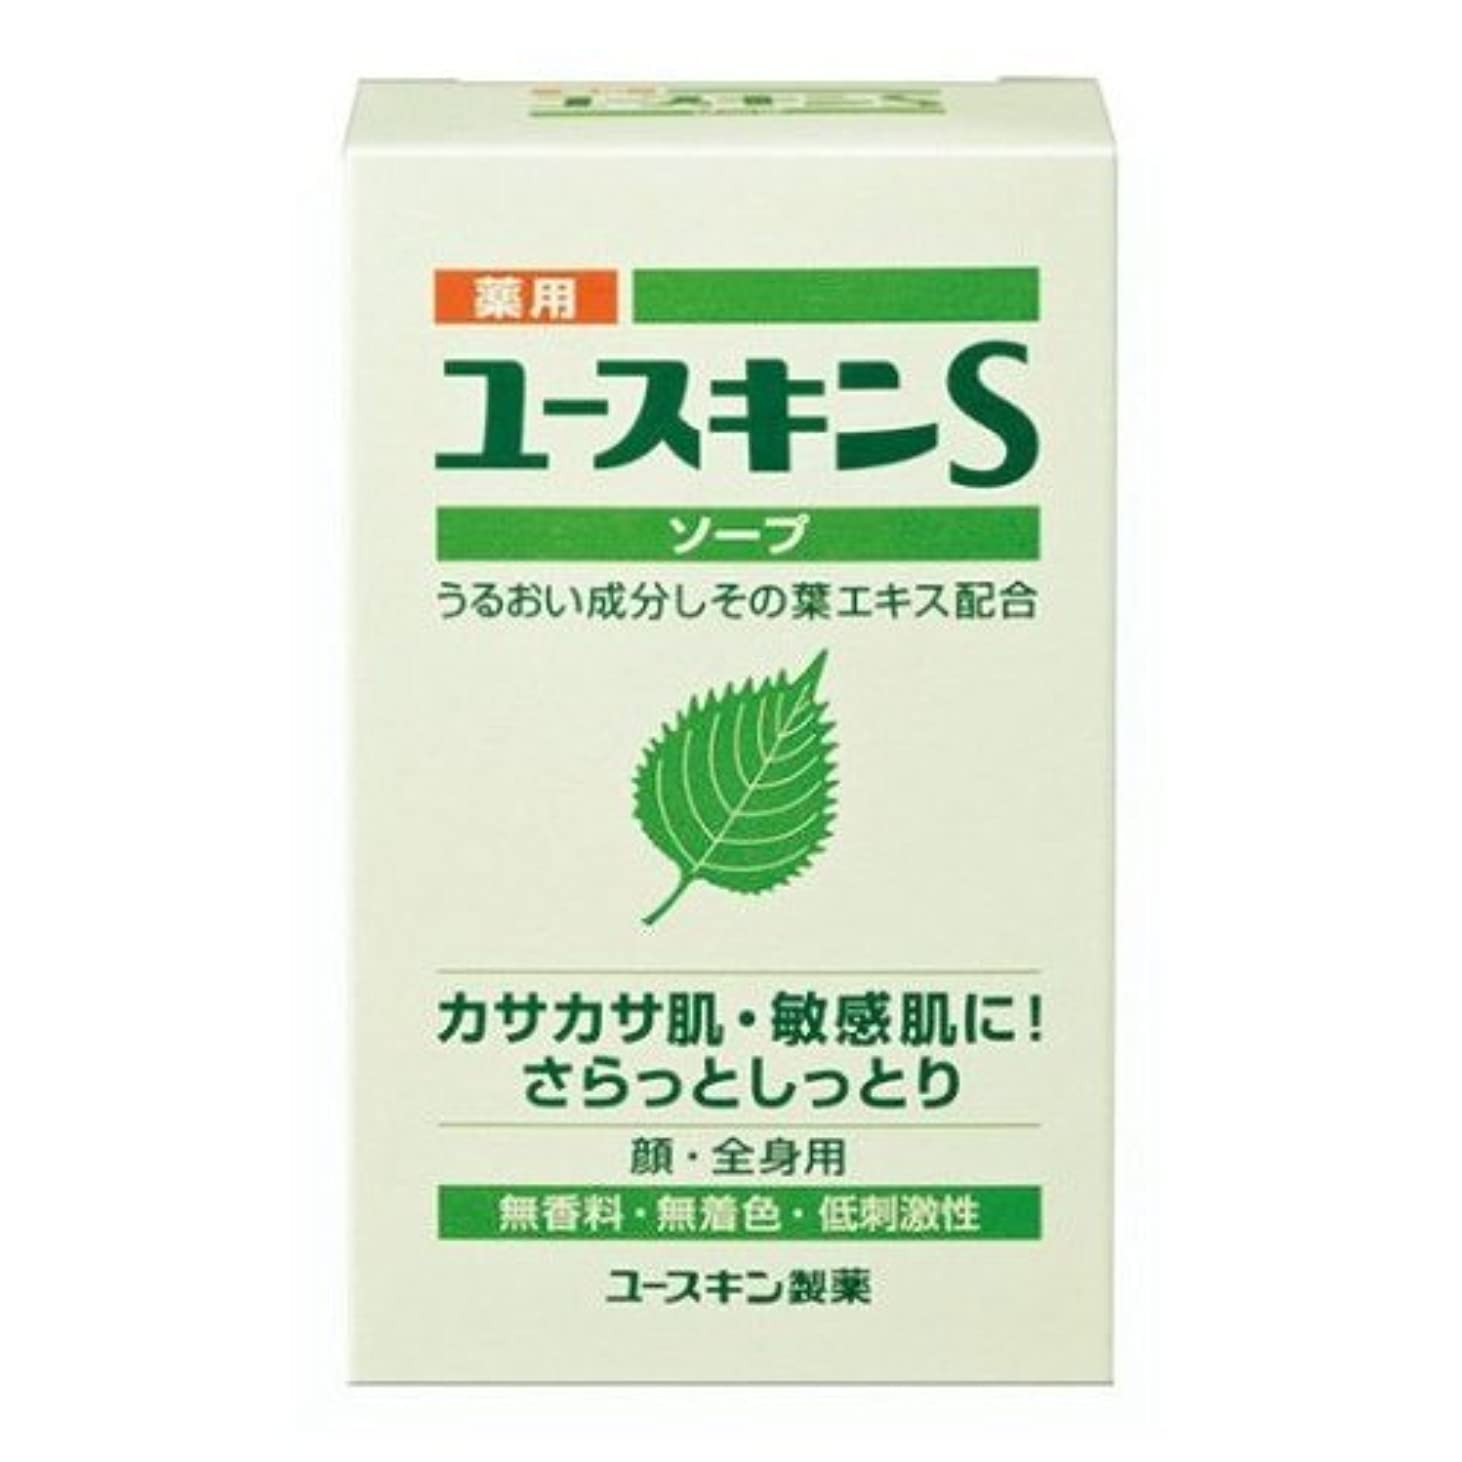 長方形長老文字薬用ユースキンS ソープ 90g (敏感肌用 透明石鹸) 【医薬部外品】